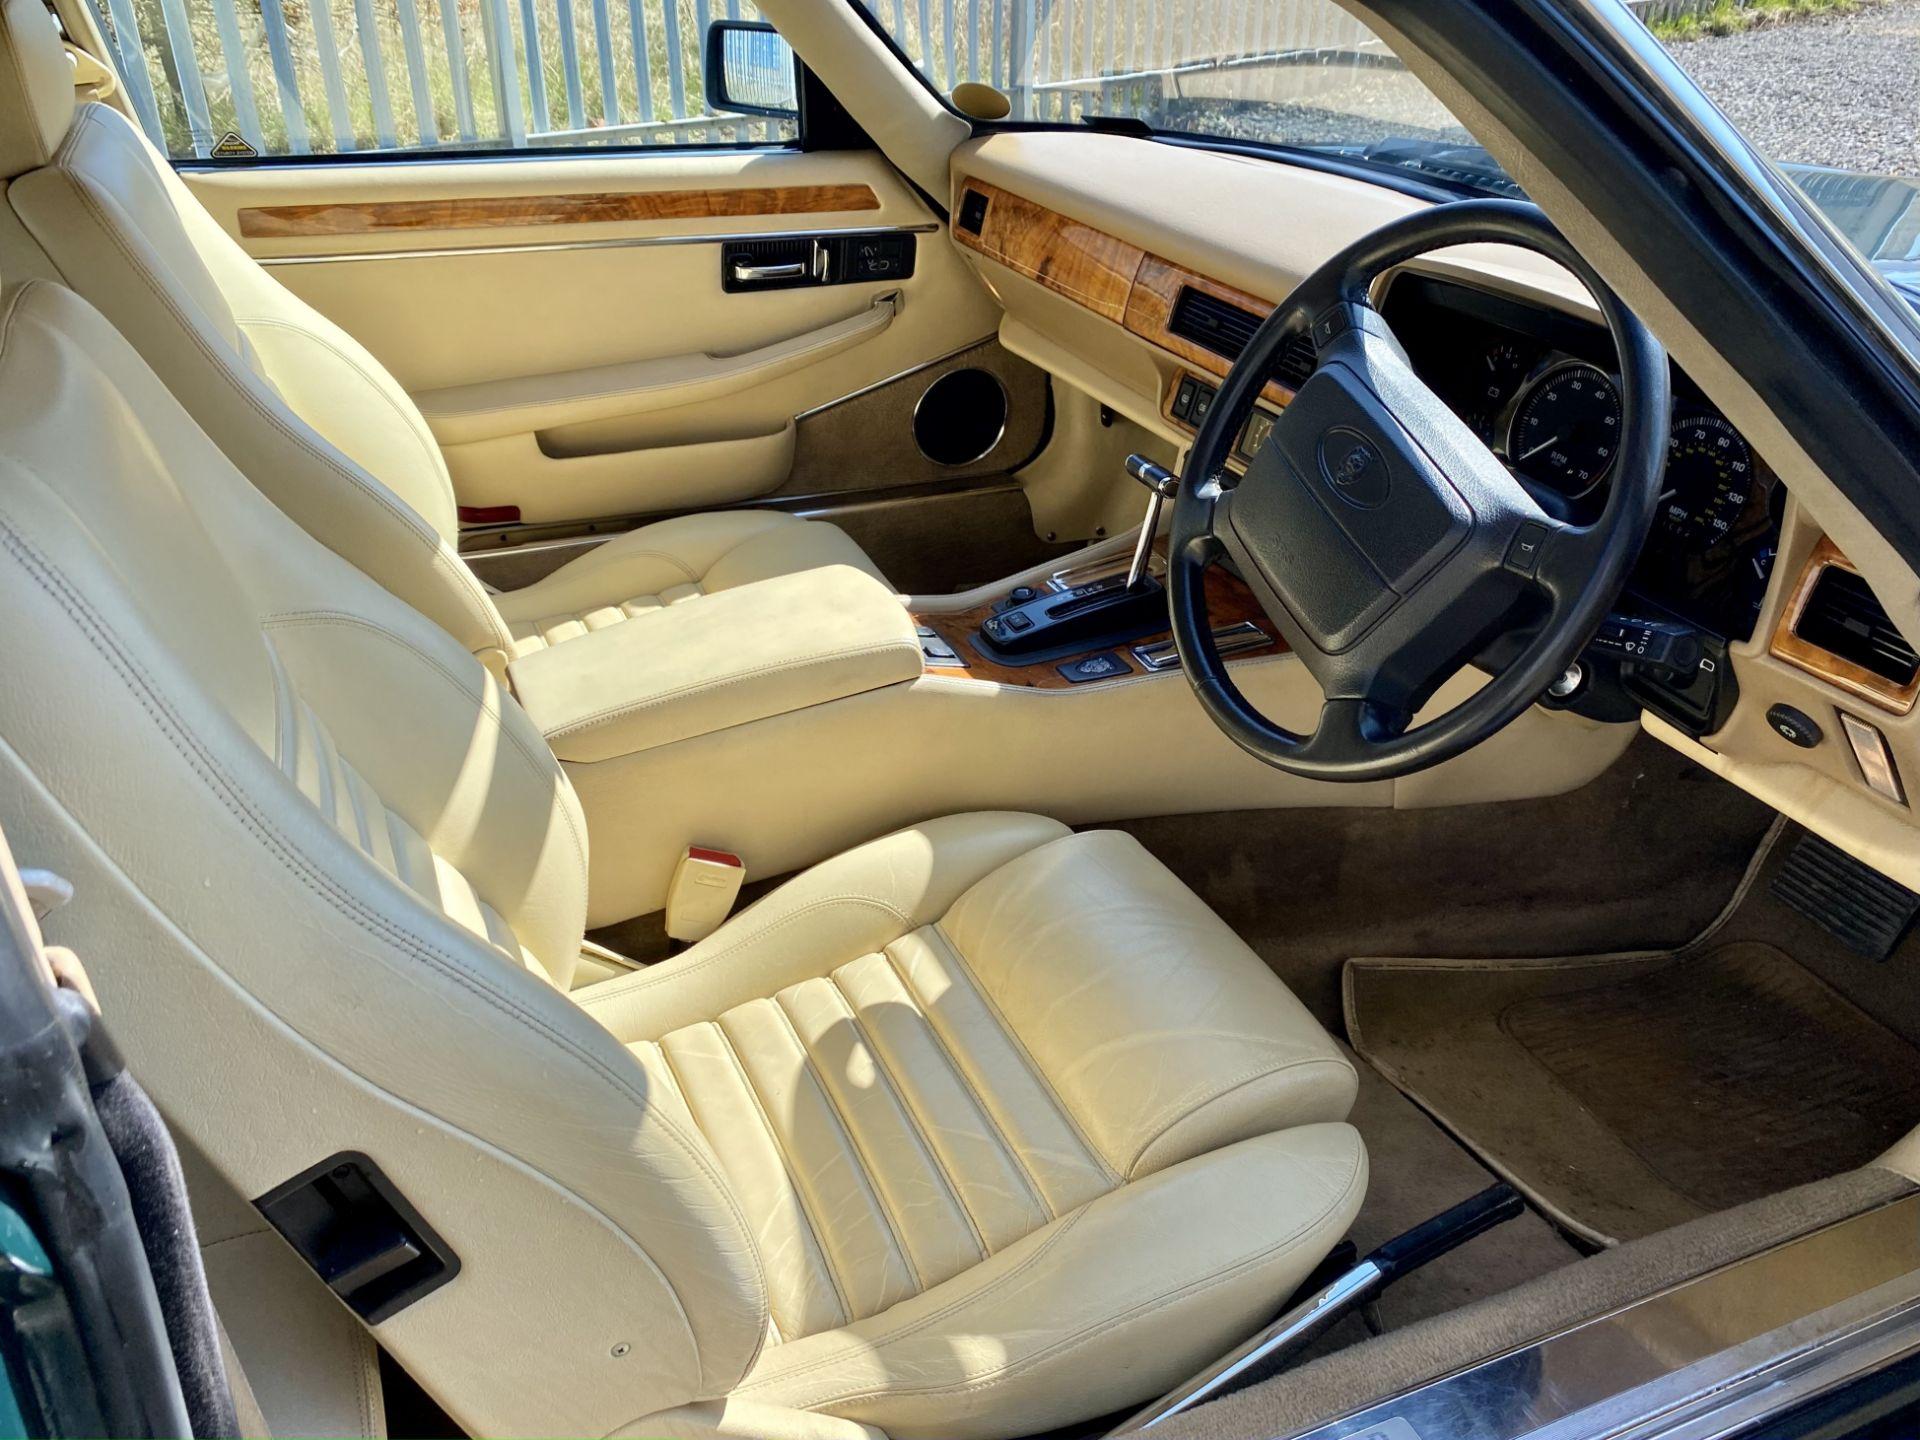 Jaguar XJS coupe - Image 45 of 64